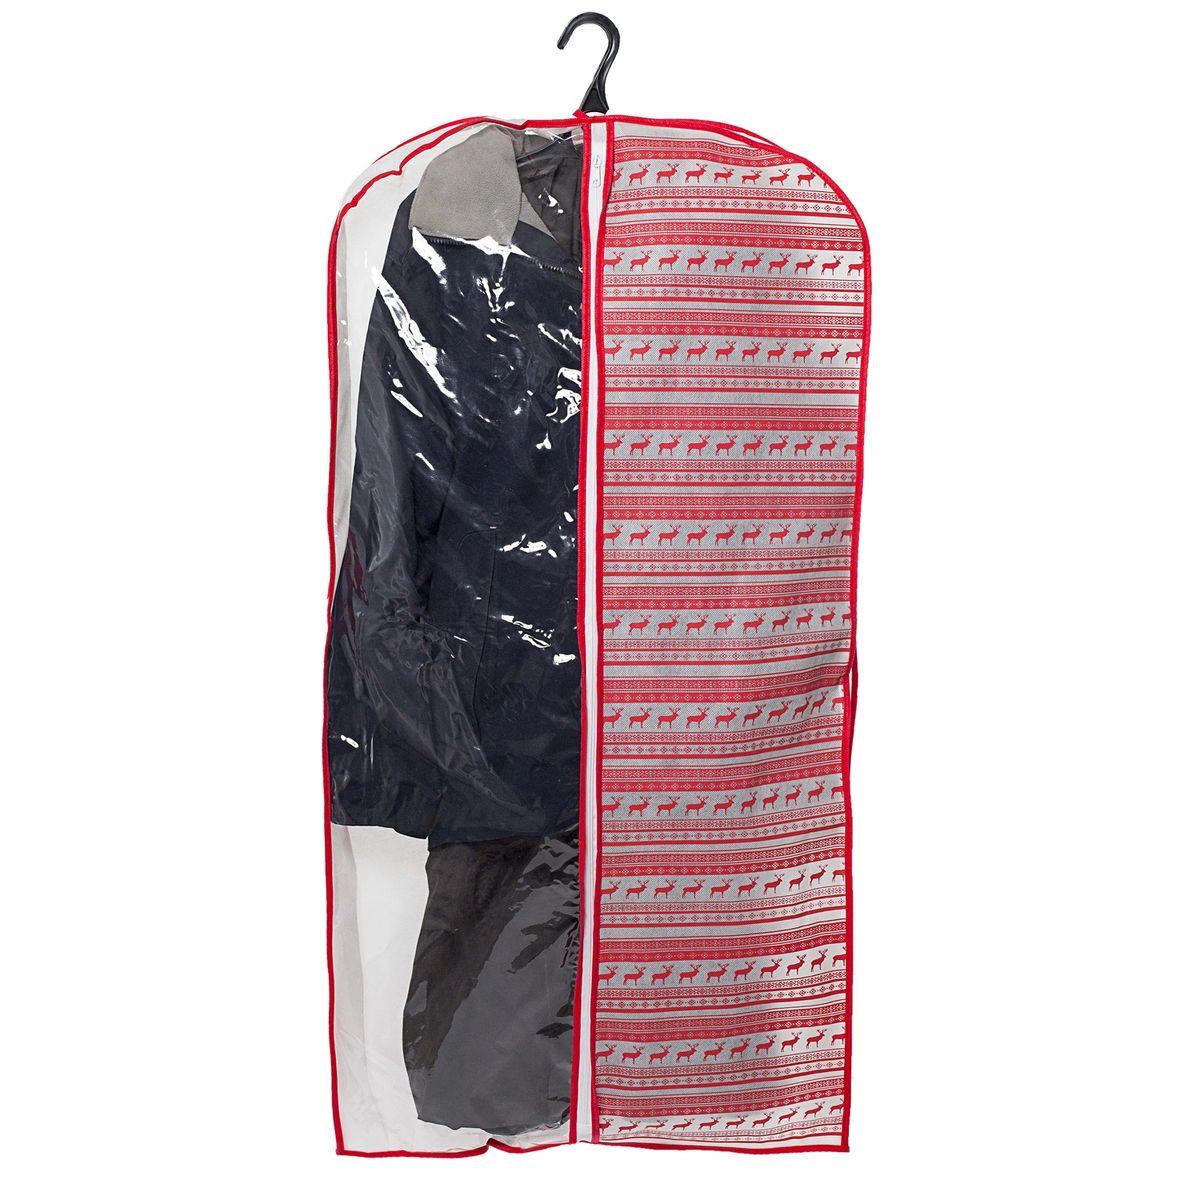 Чехол для одежды Homsu Scandinavia, подвесной, с прозрачной вставкой, 120 x 60 x 10 смHOM-205Подвесной чехол для одежды Homsu Scandinavia на застежке-молнии выполнен из высококачественного нетканого материала. Чехол снабжен прозрачной вставкой из ПВХ, что позволяет легко просматривать содержимое. Изделие подходит для длительного хранения вещей. Чехол обеспечит вашей одежде надежную защиту от влажности, повреждений и грязи при транспортировке, от запыления при хранении и проникновения моли. Чехол позволяет воздуху свободно поступать внутрь вещей, обеспечивая их кондиционирование. Это особенно важно при хранении кожаных и меховых изделий. Чехол для одежды Homsu Scandinavia создаст уютную атмосферу в гардеробе. Лаконичный дизайн придется по вкусу ценительницам эстетичного хранения и сделают вашу гардеробную изысканной и невероятно стильной. Размер чехла: 120 х 60 х 10 см.